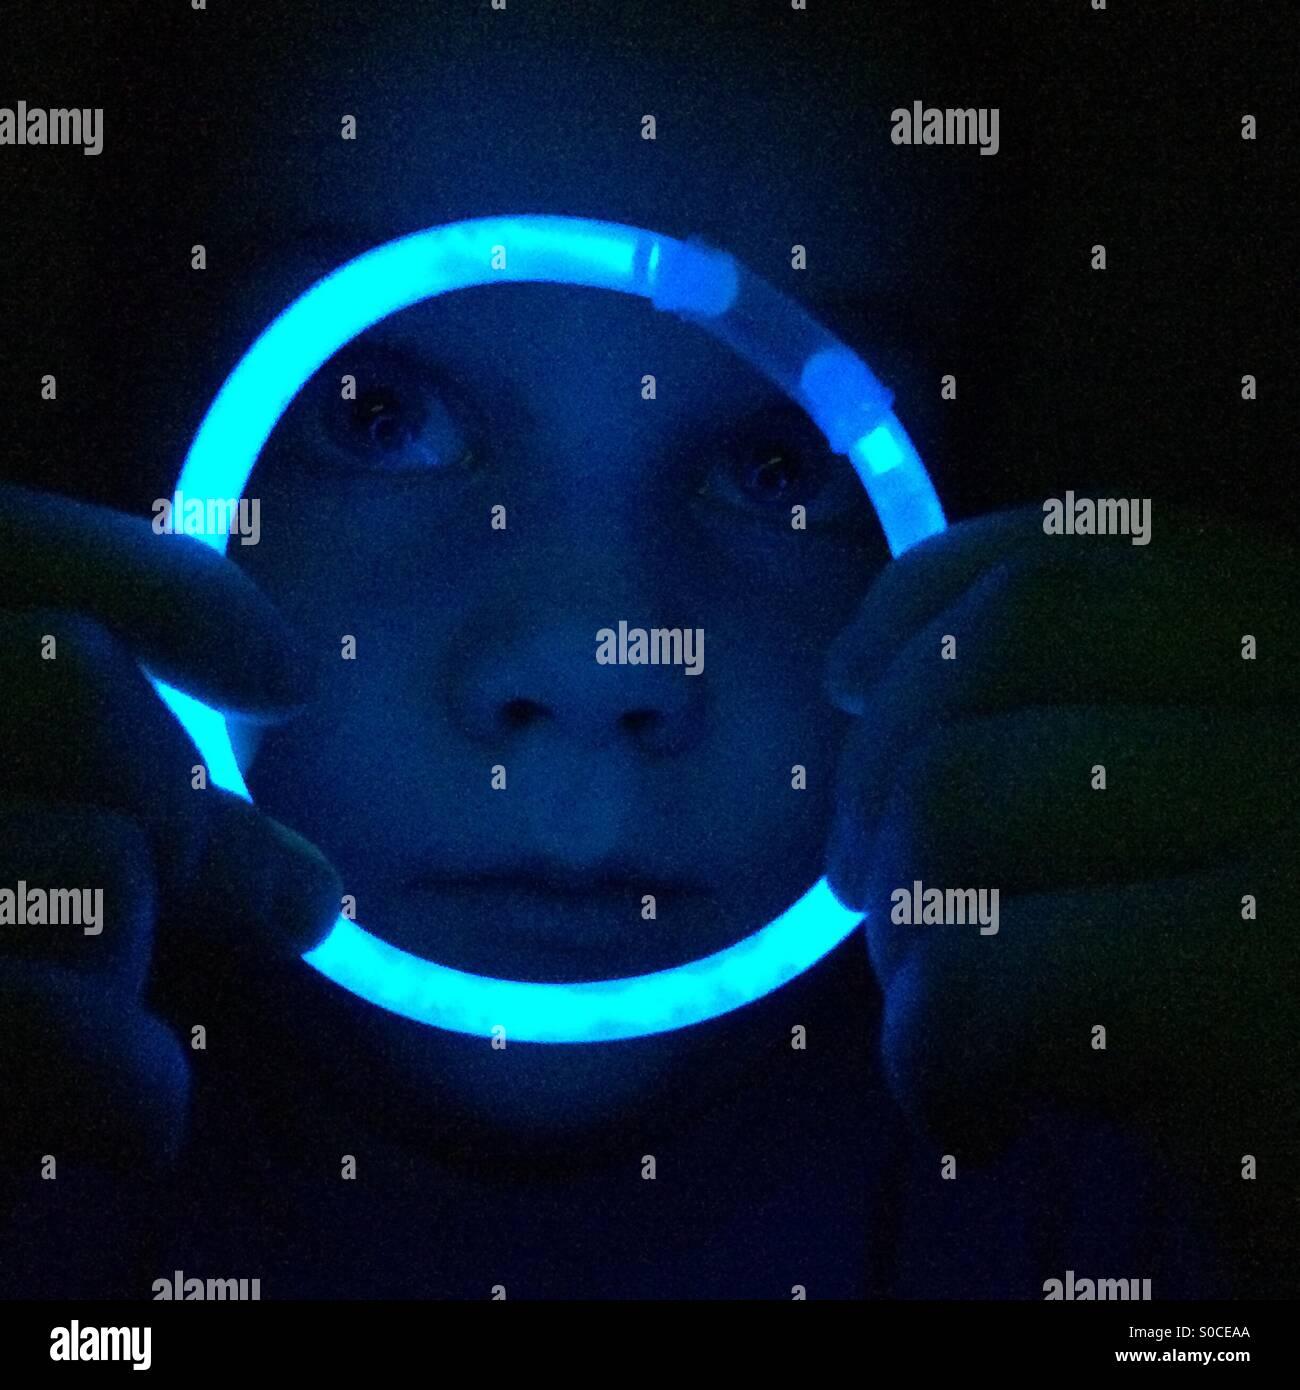 Chico mirando a través de resplandor azul stick hoop Imagen De Stock